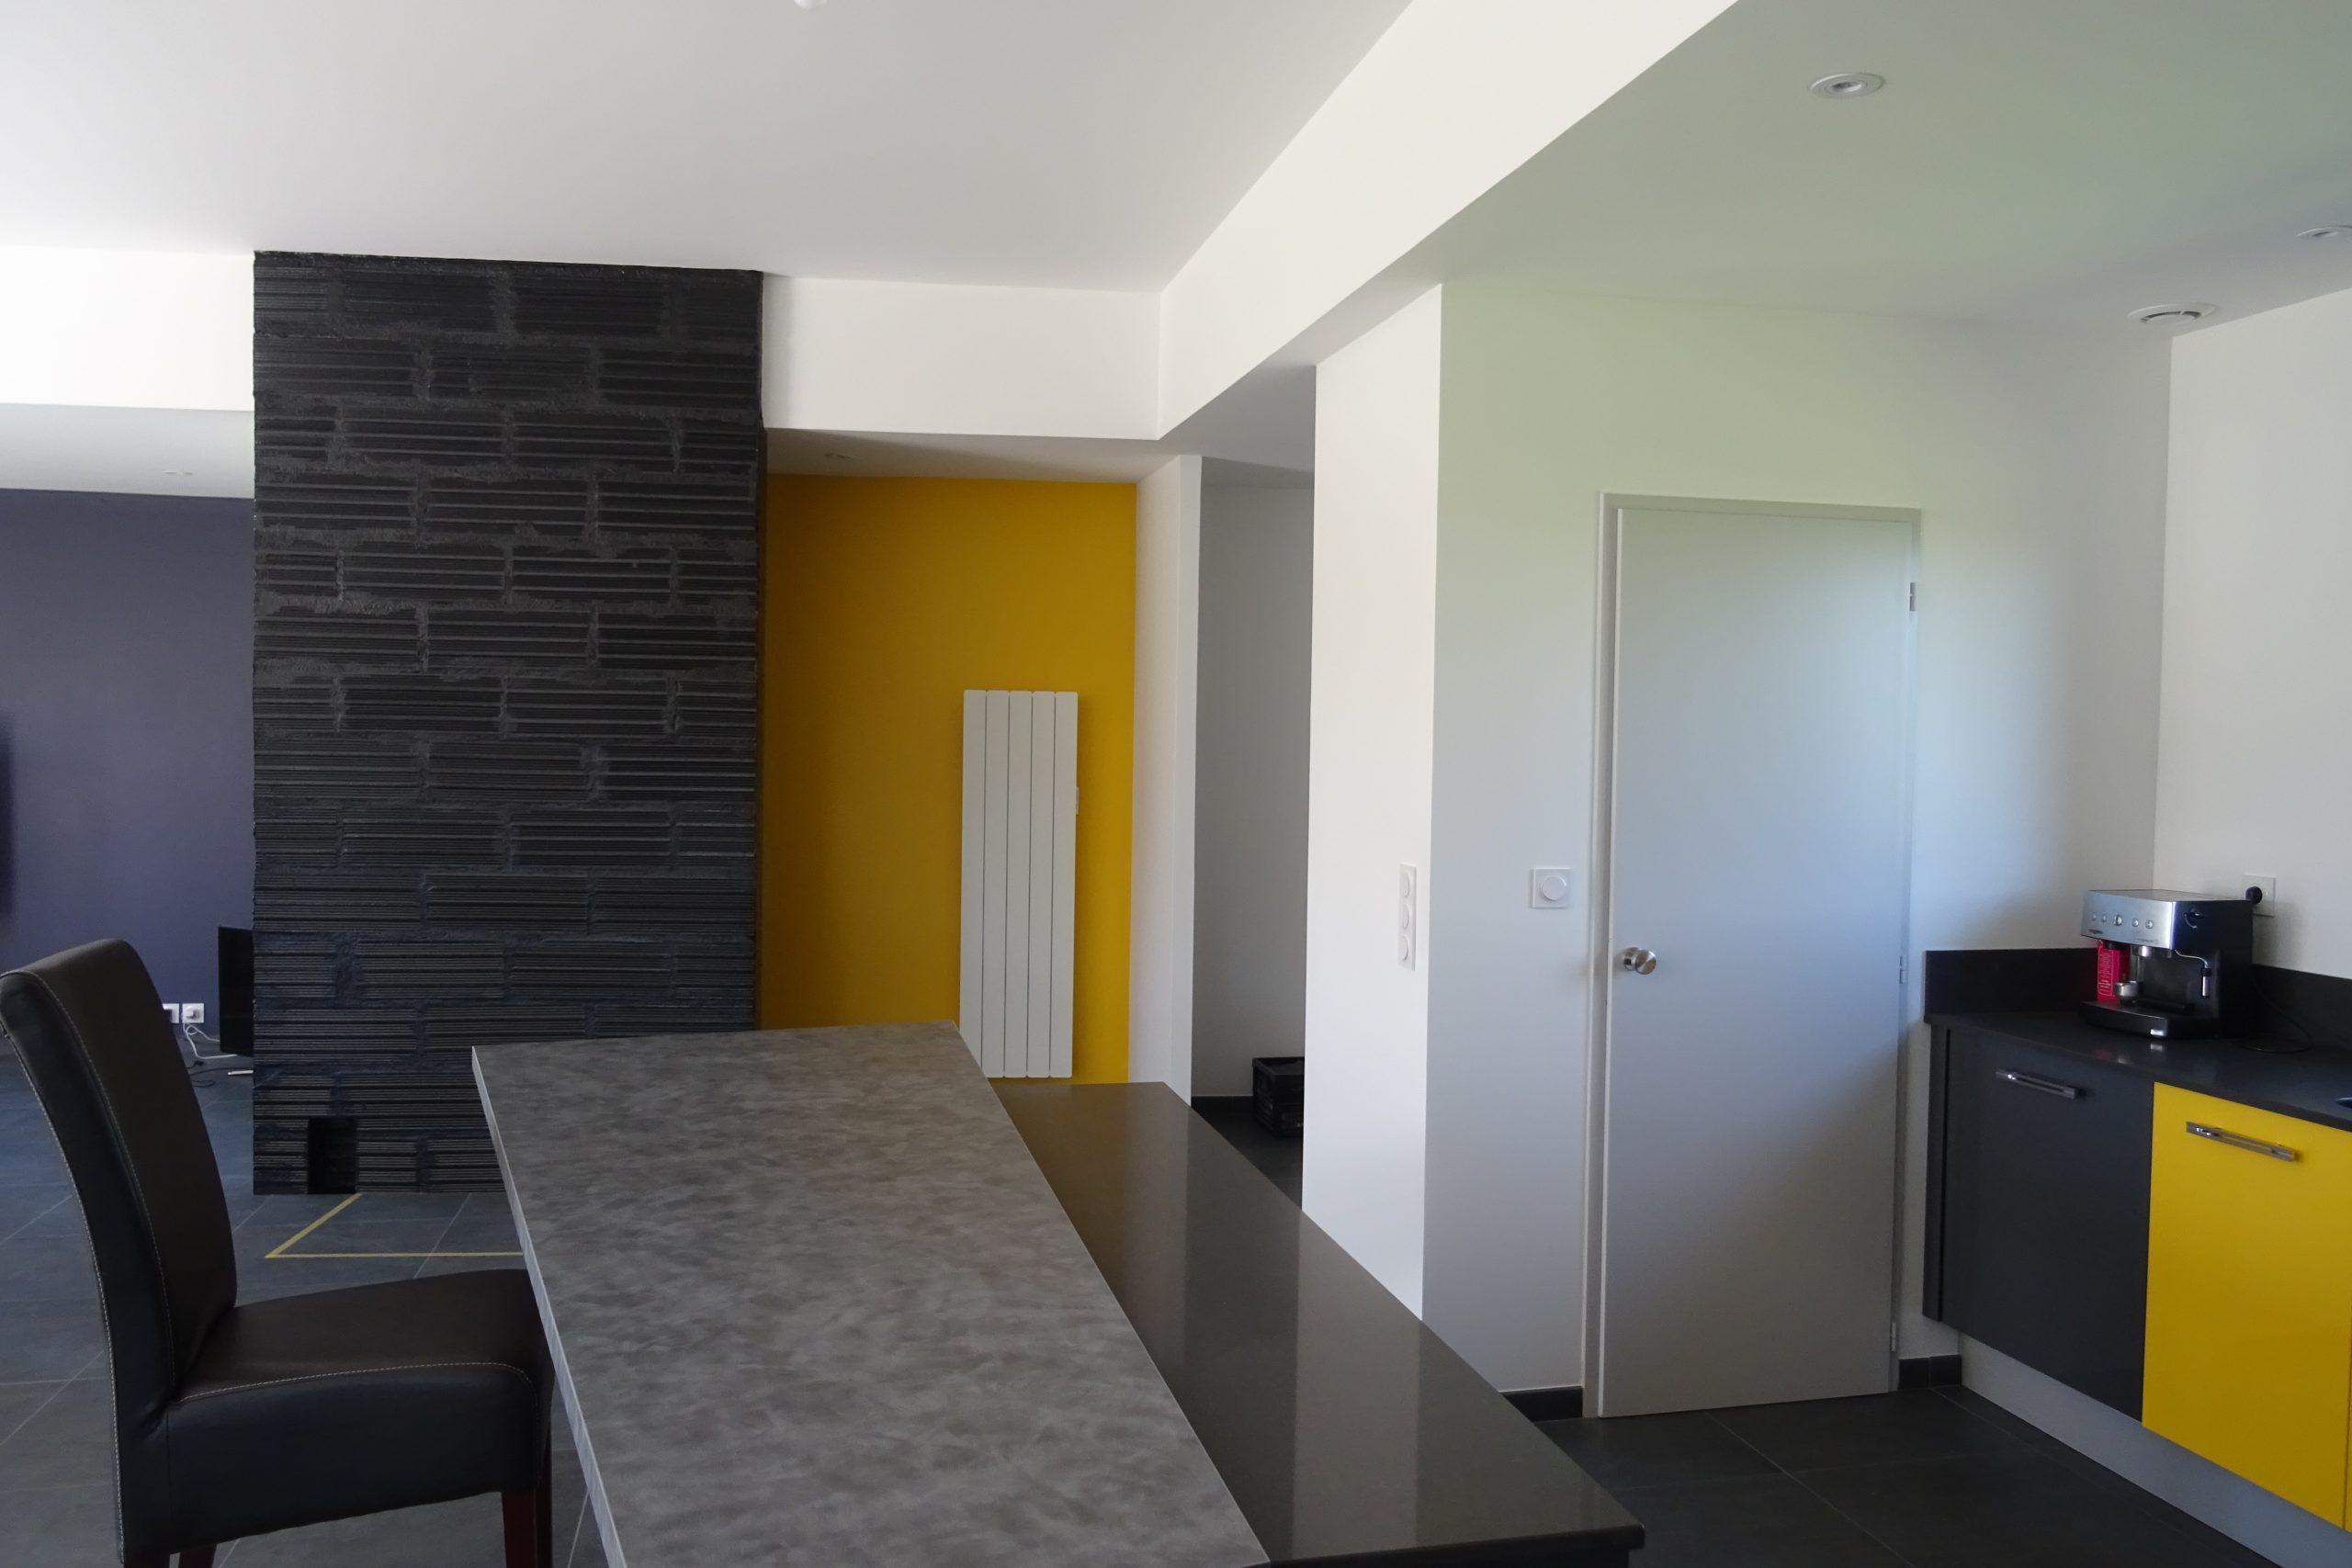 Maison privée- Coloration intérieure